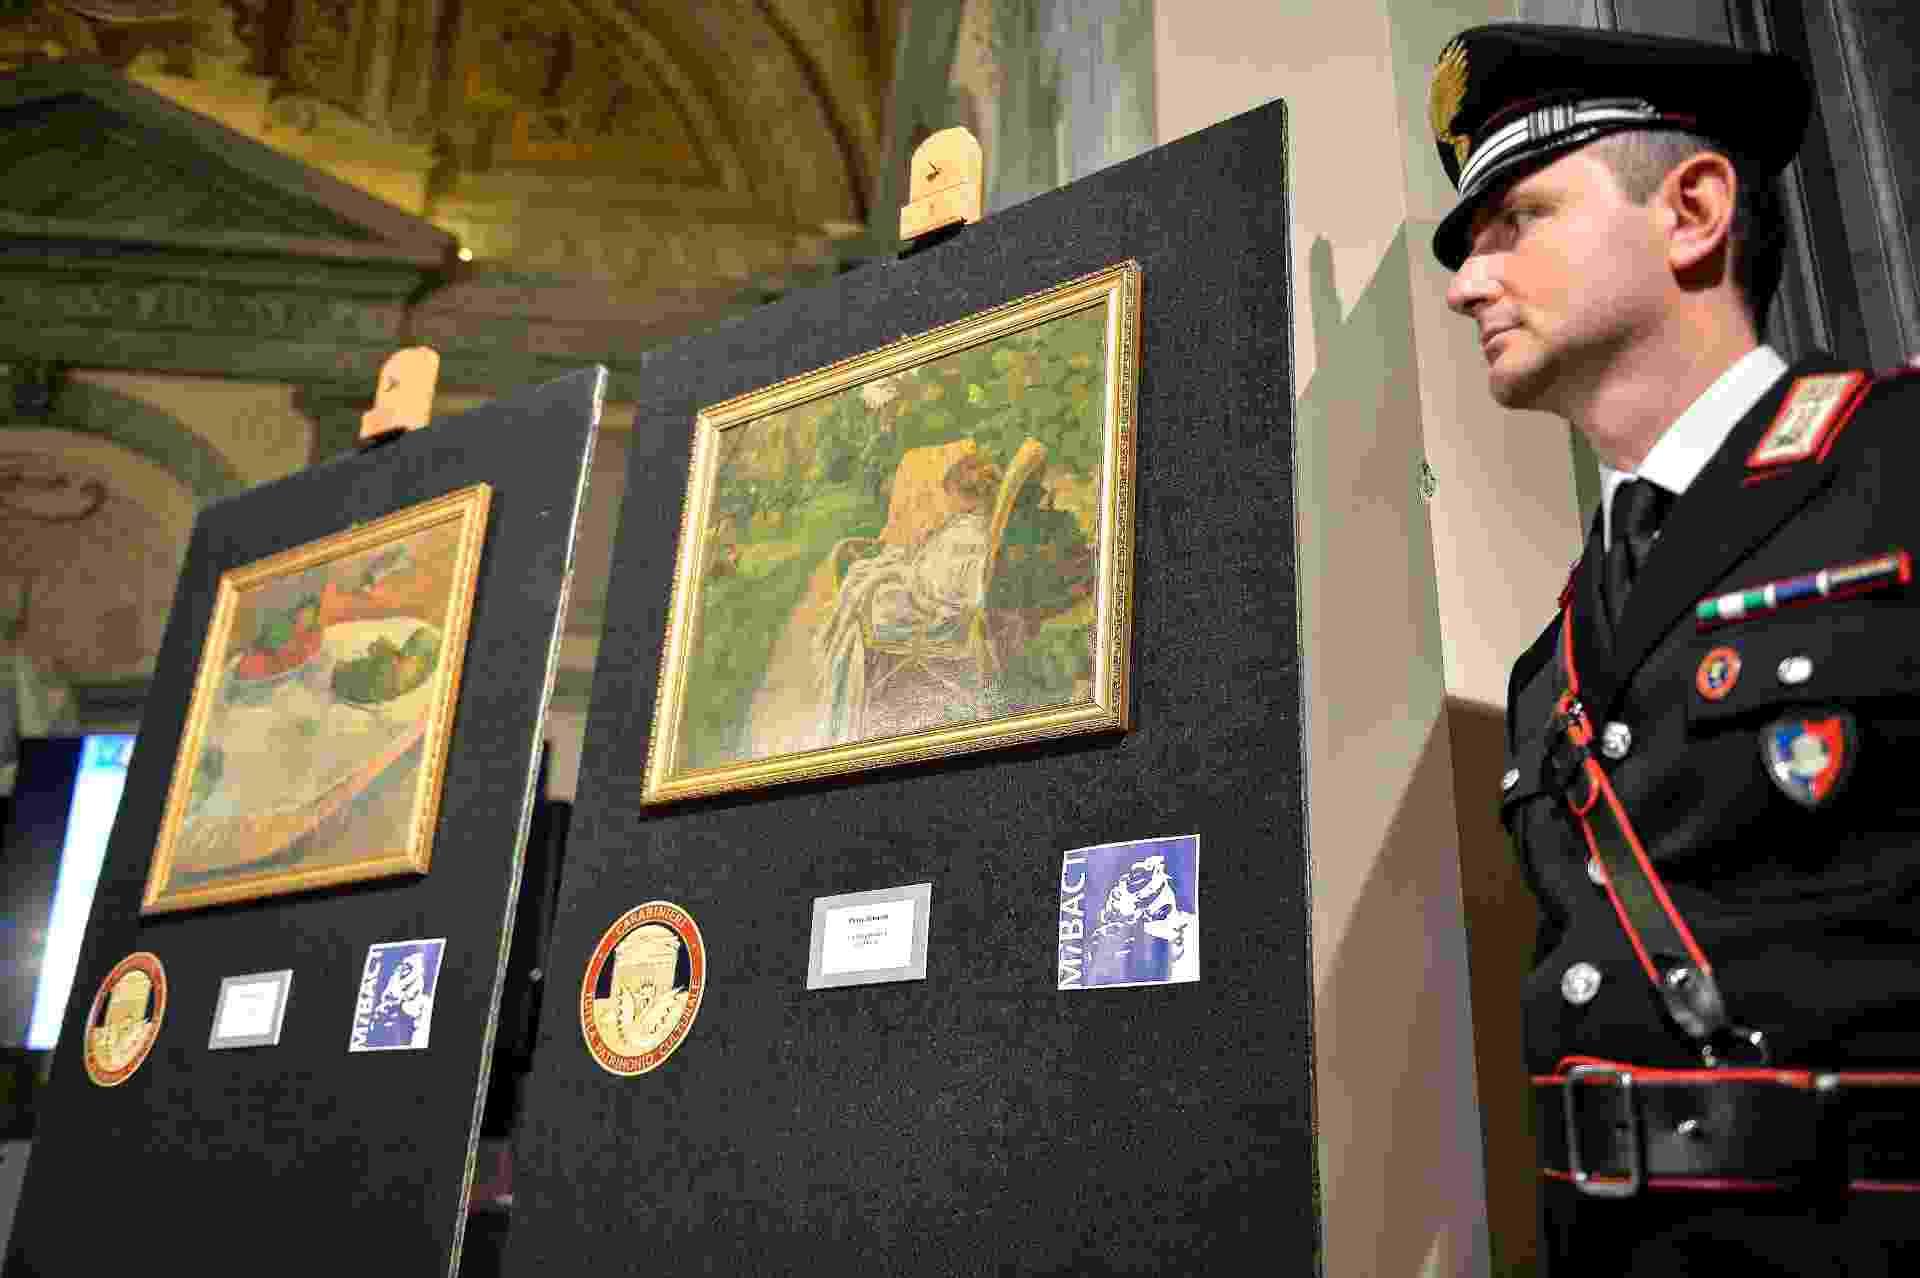 2.abr.2014 - Carabineiro é fotografado ao lado de obras de Paul Gauguin e Pierre Bonnard, recuperadas na Itália após roubo em Londres, nos anos 1970 - Andreas Solaro/AFP